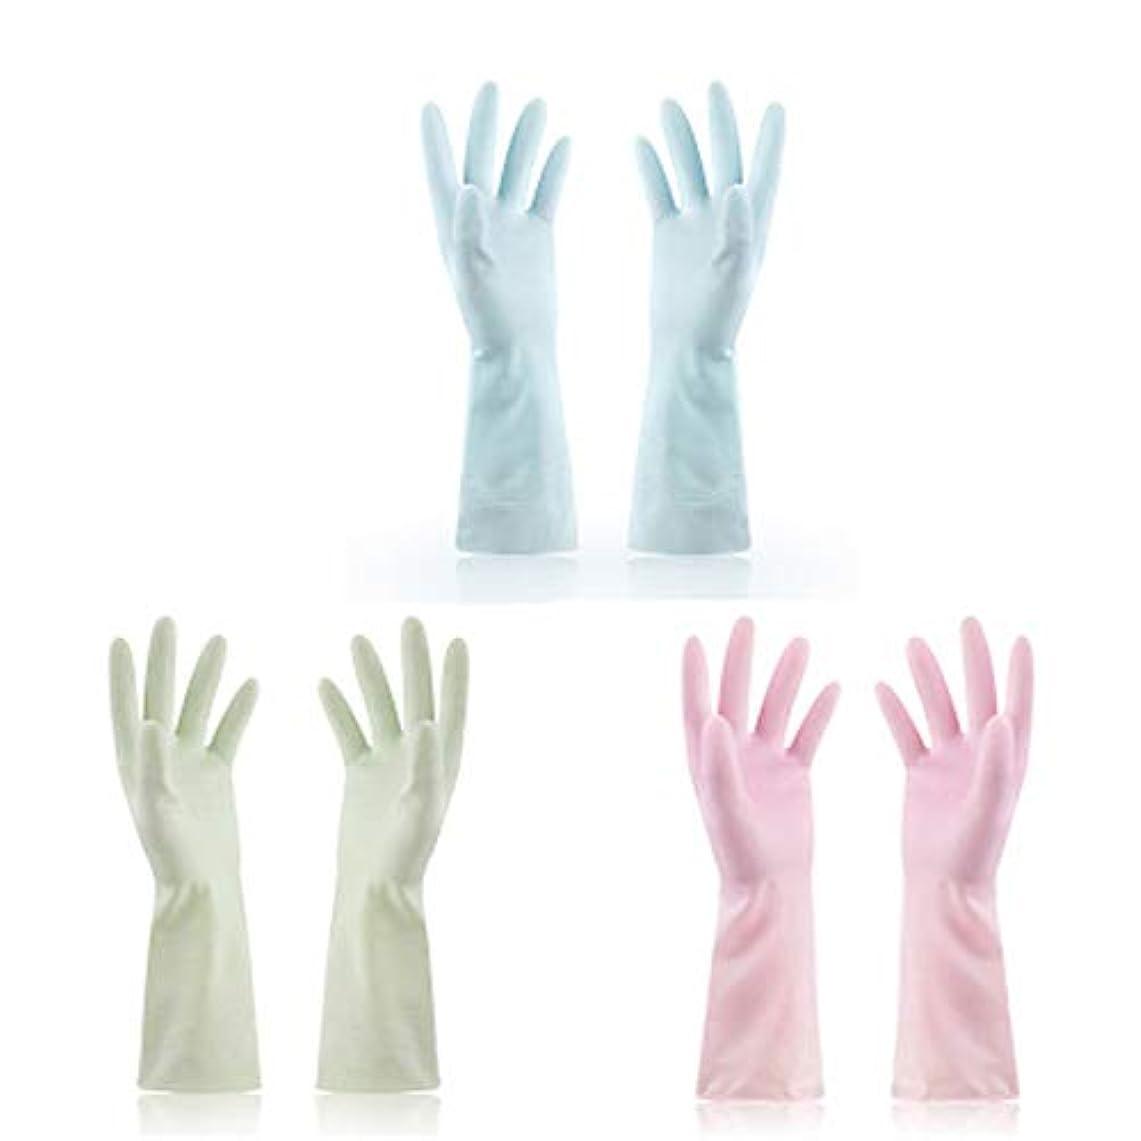 ファームヨーグルト安らぎ使い捨て手袋 使い捨て手袋防水ラテックス焦げ付き防止ゴム製ゴム製台所手袋、3組 ニトリルゴム手袋 (Color : Multi-colored, Size : M)